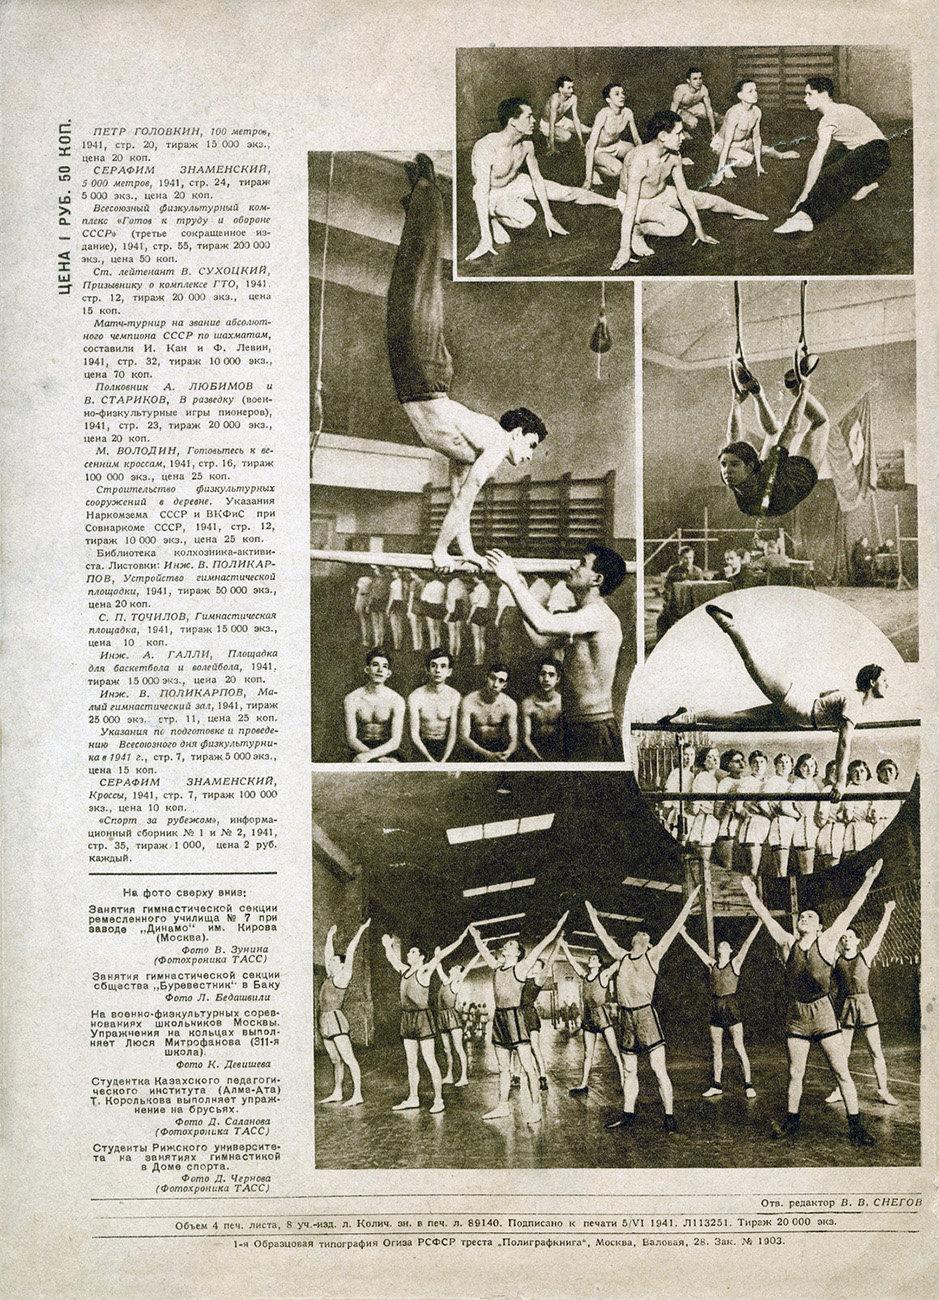 Гимнастика 41 6 003